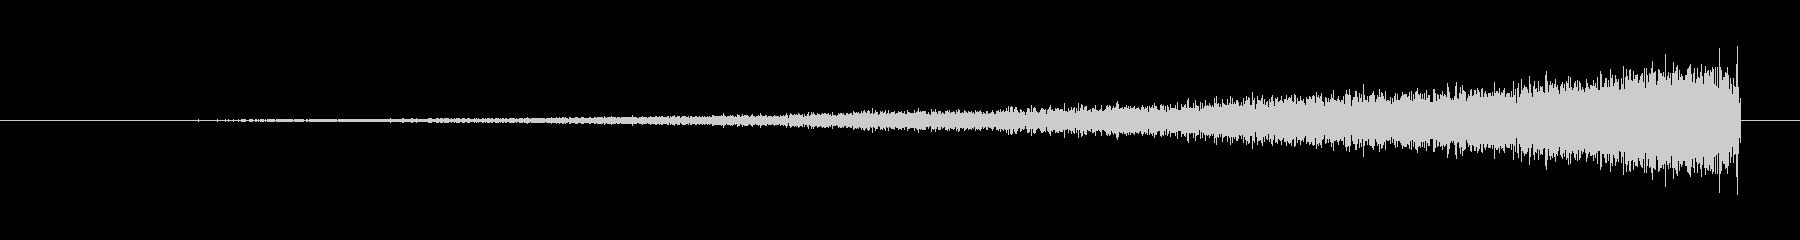 「フィーン」というリバースシンバルの音の未再生の波形